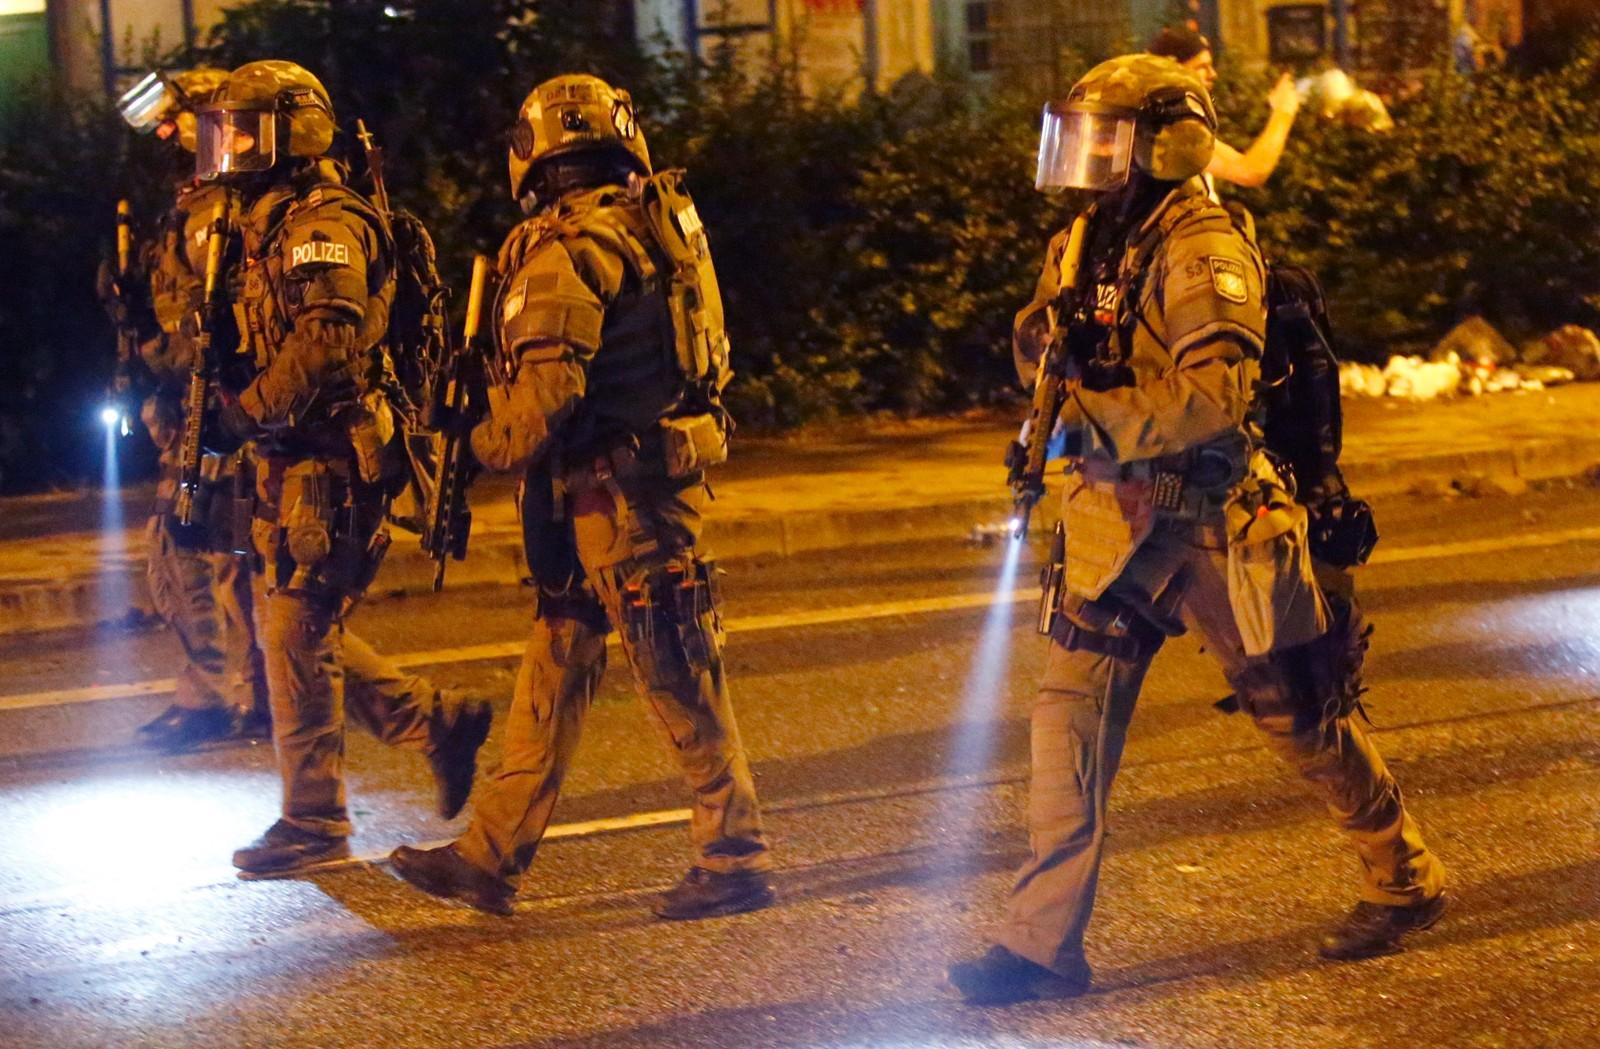 Tyske spesialstyrker gikk gjennom Schanze-distriktet etter sammenstøt med demonstranter.